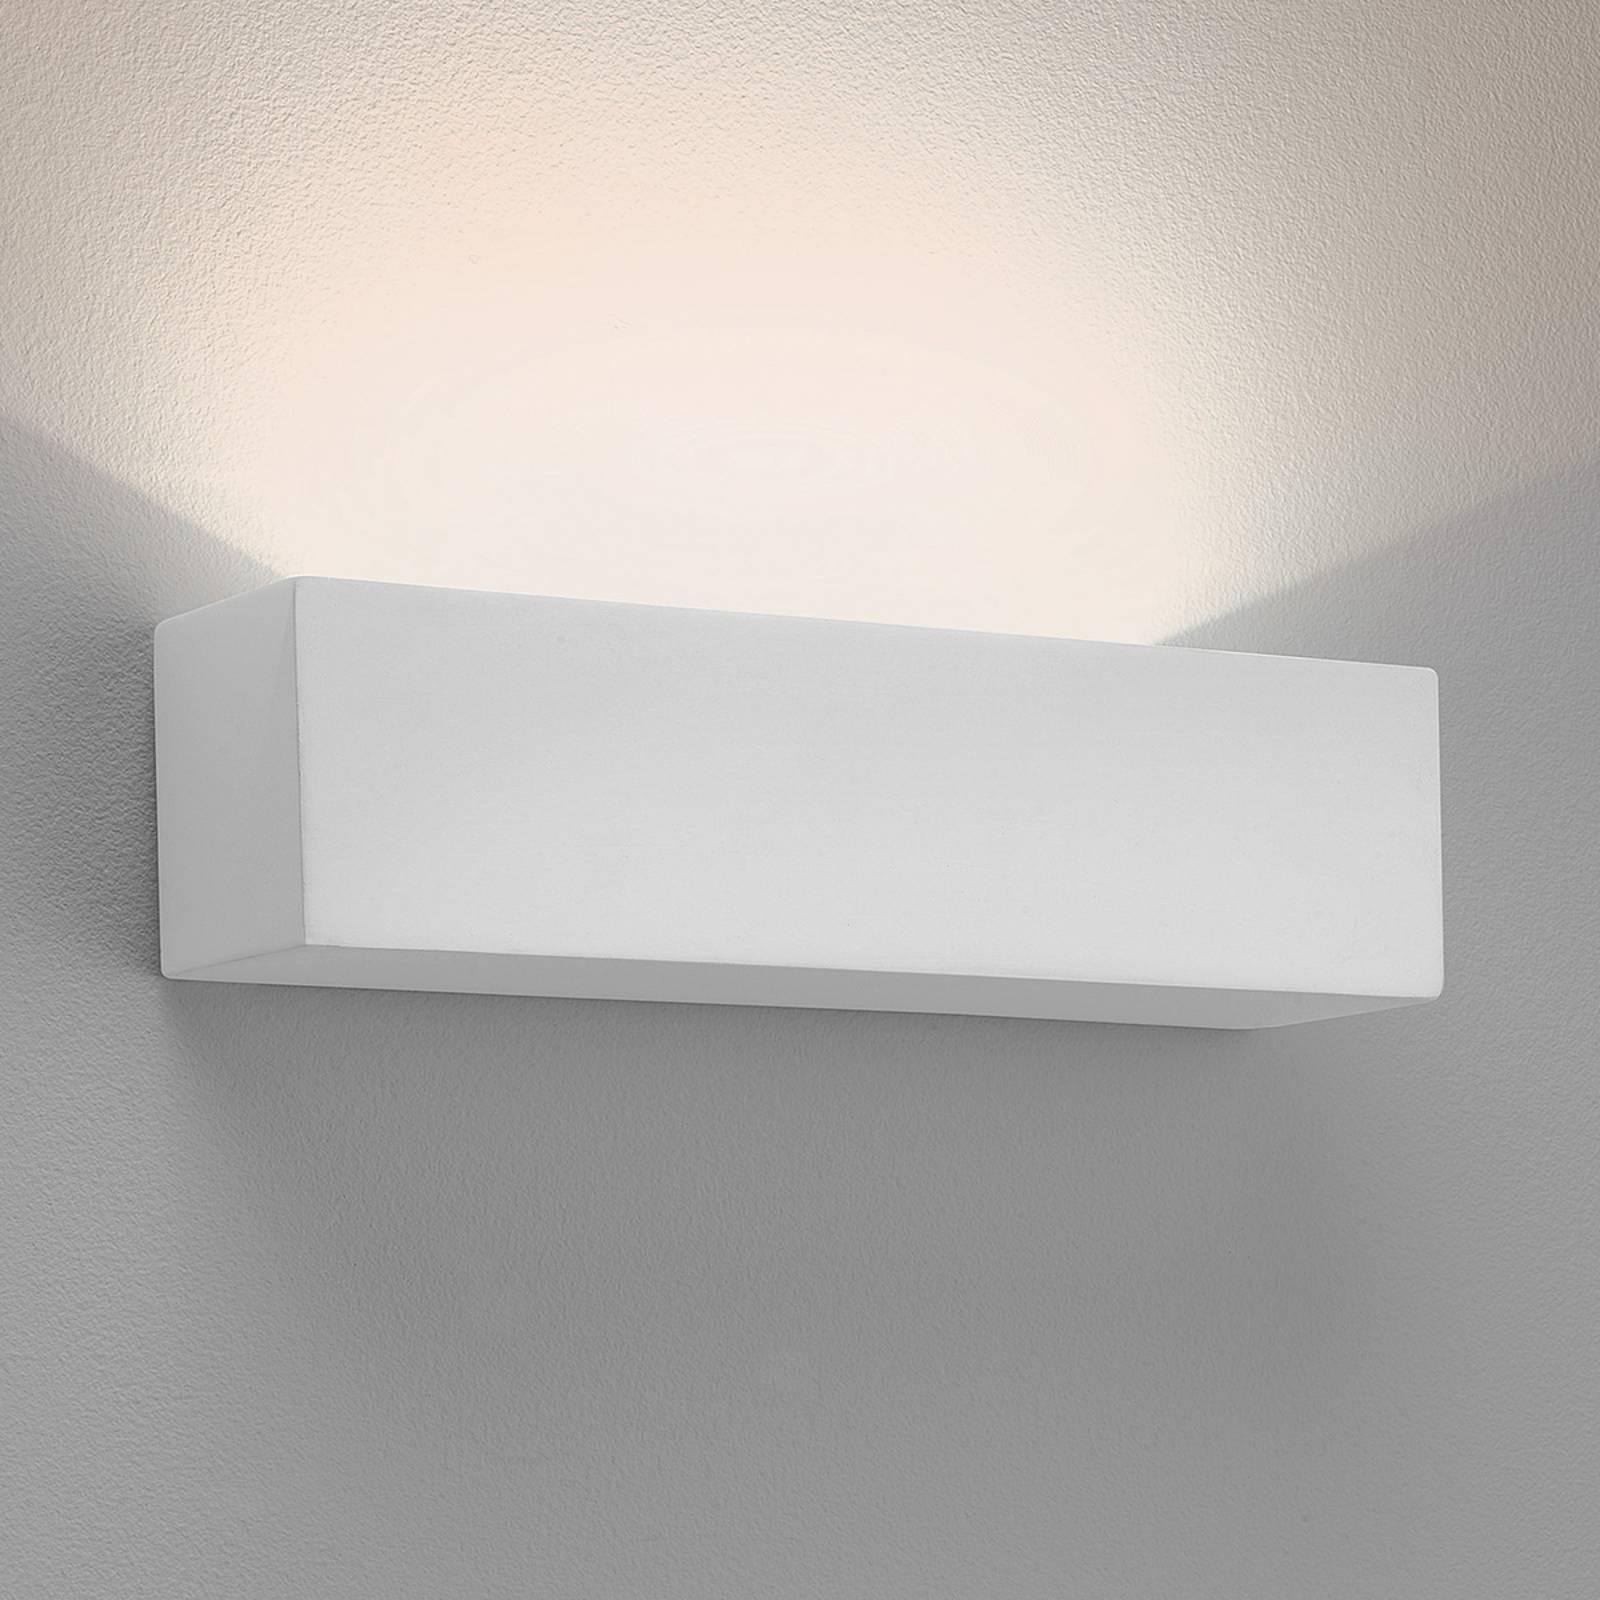 Astro Parma 250 -LED-seinävalaisin kipsiä, 2 700 K